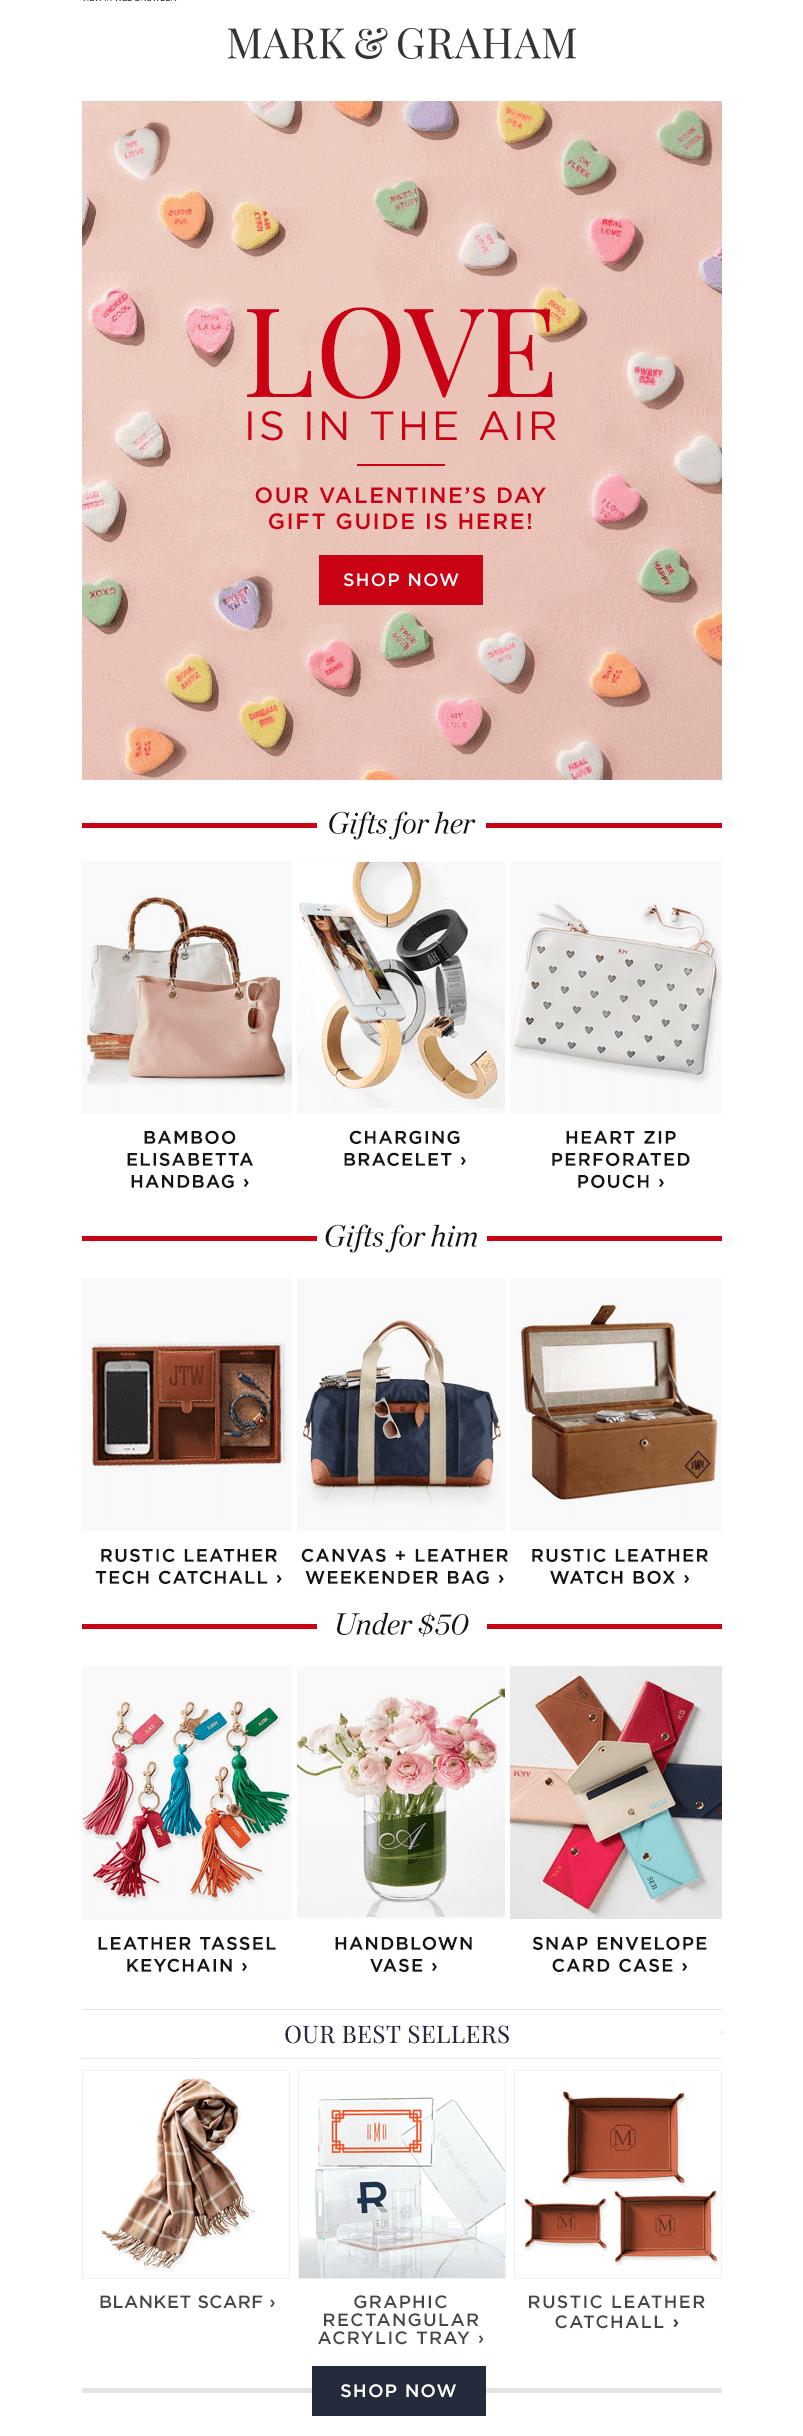 valentine's day email design